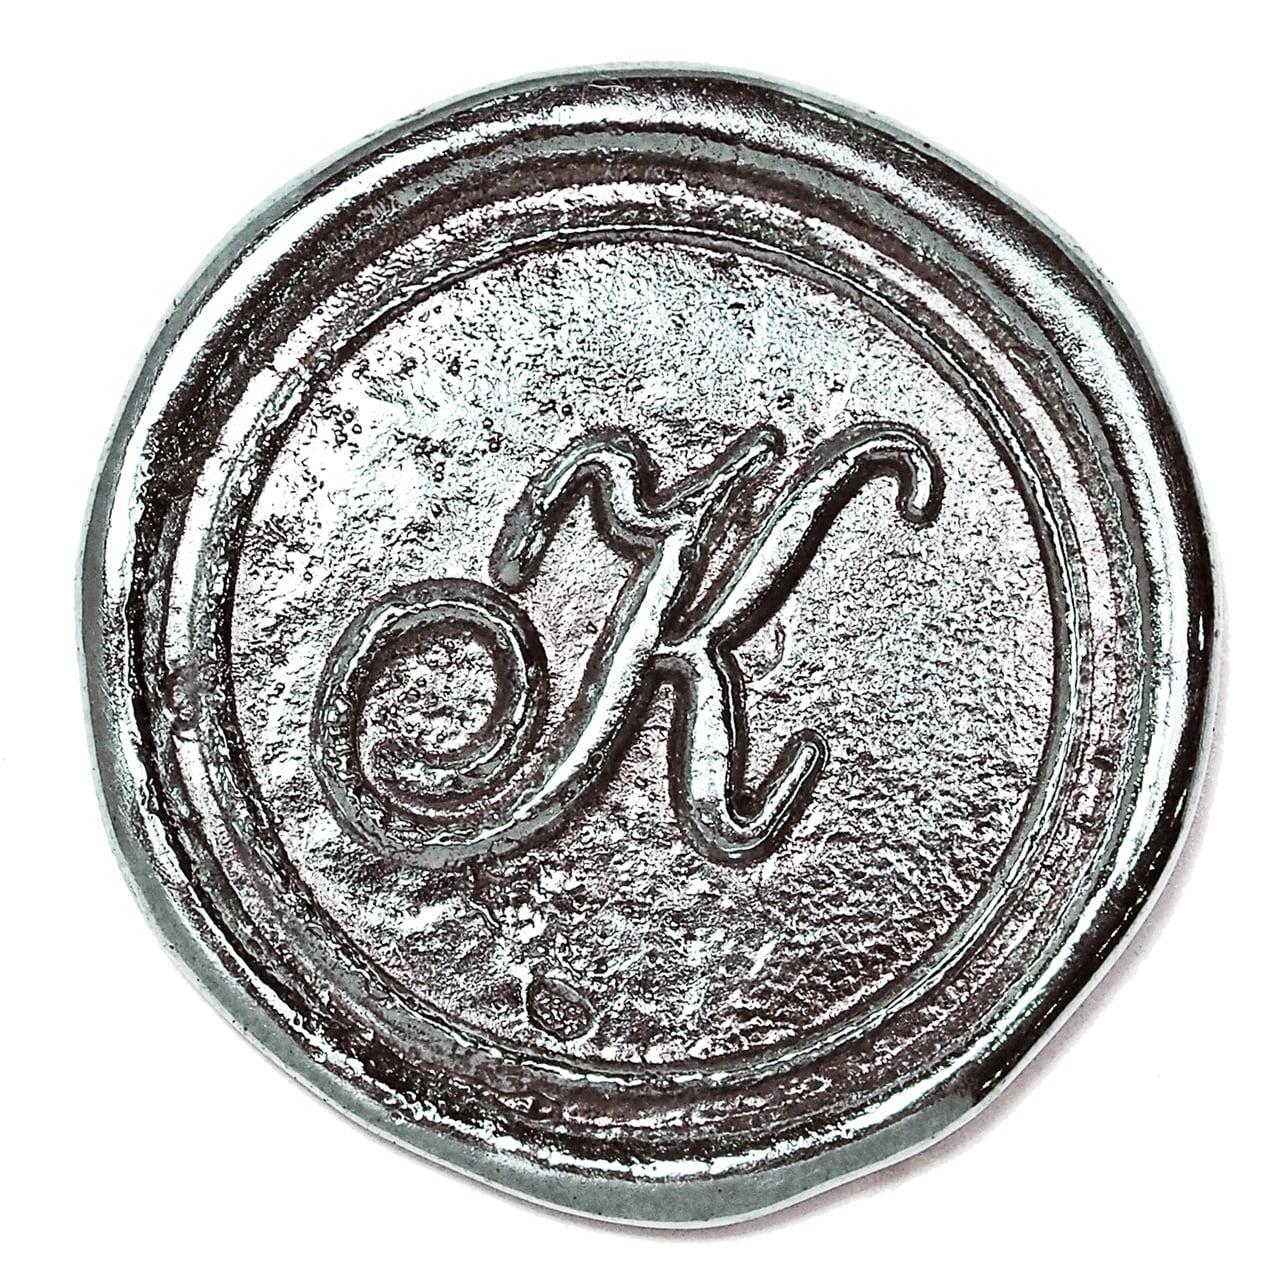 シーリングイニシャル LL 〈K〉 シルバー / コンチョボタン